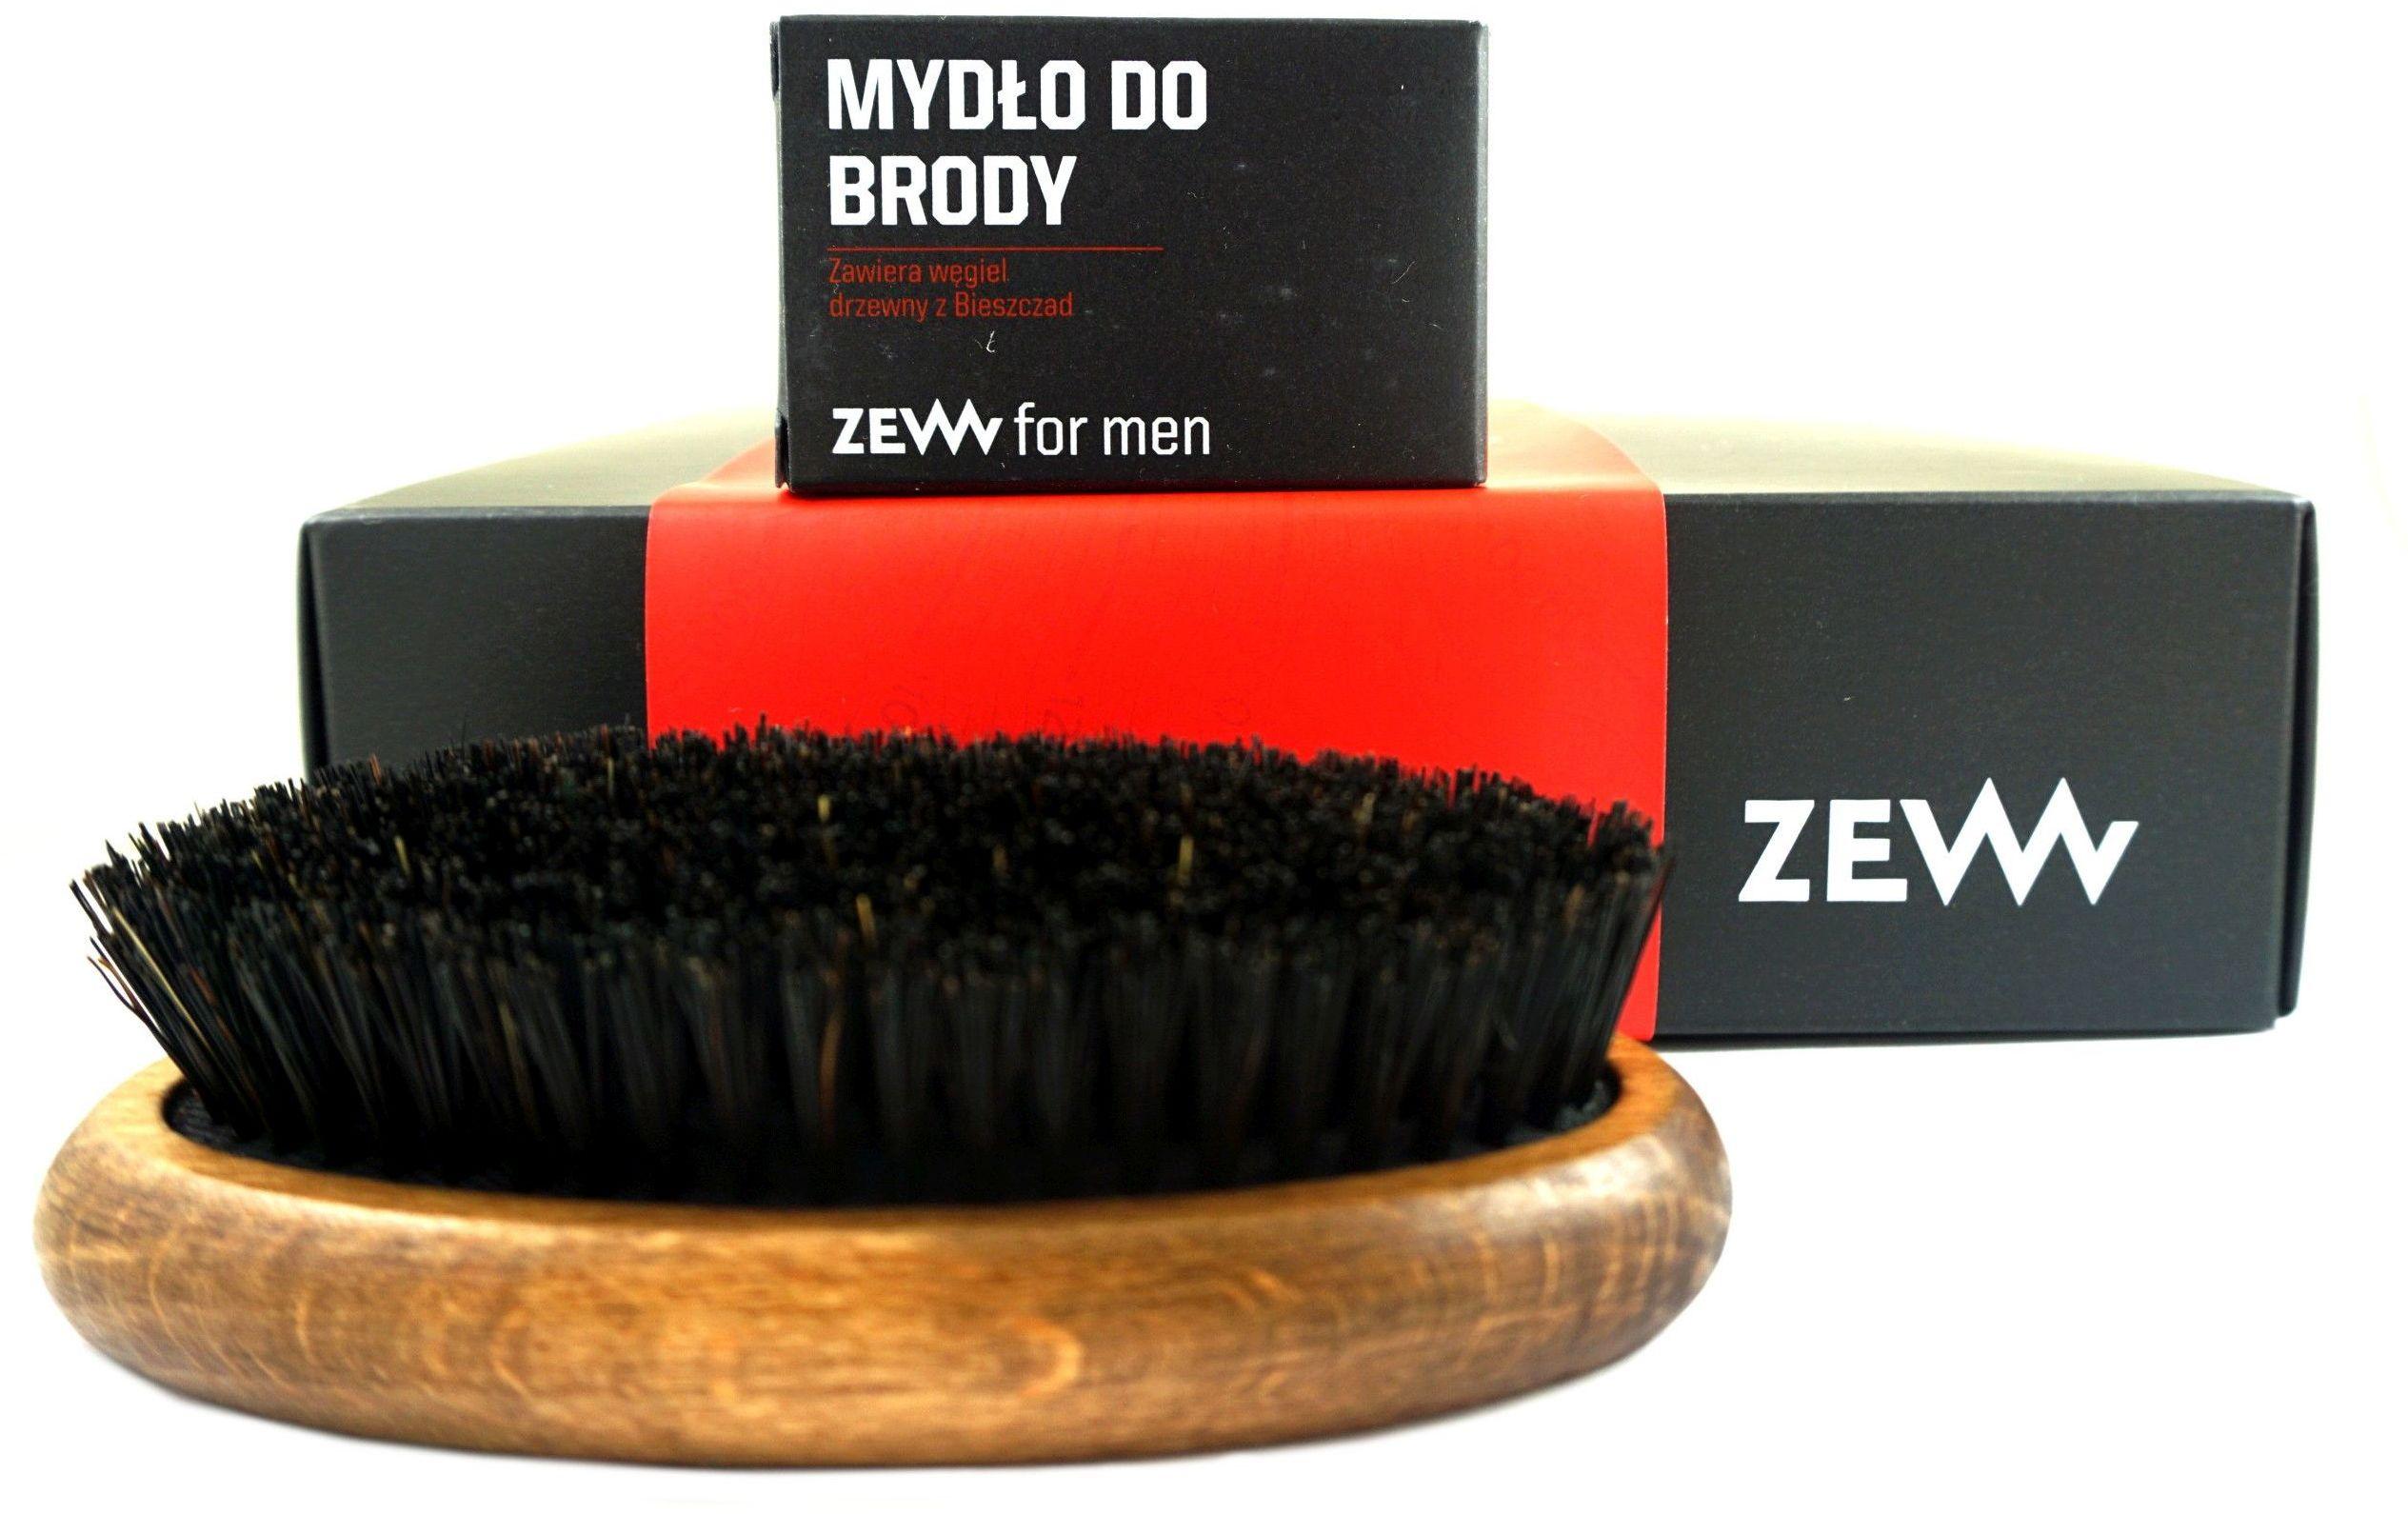 Pakiet Brodacza (mydło + szczotka) - Zew